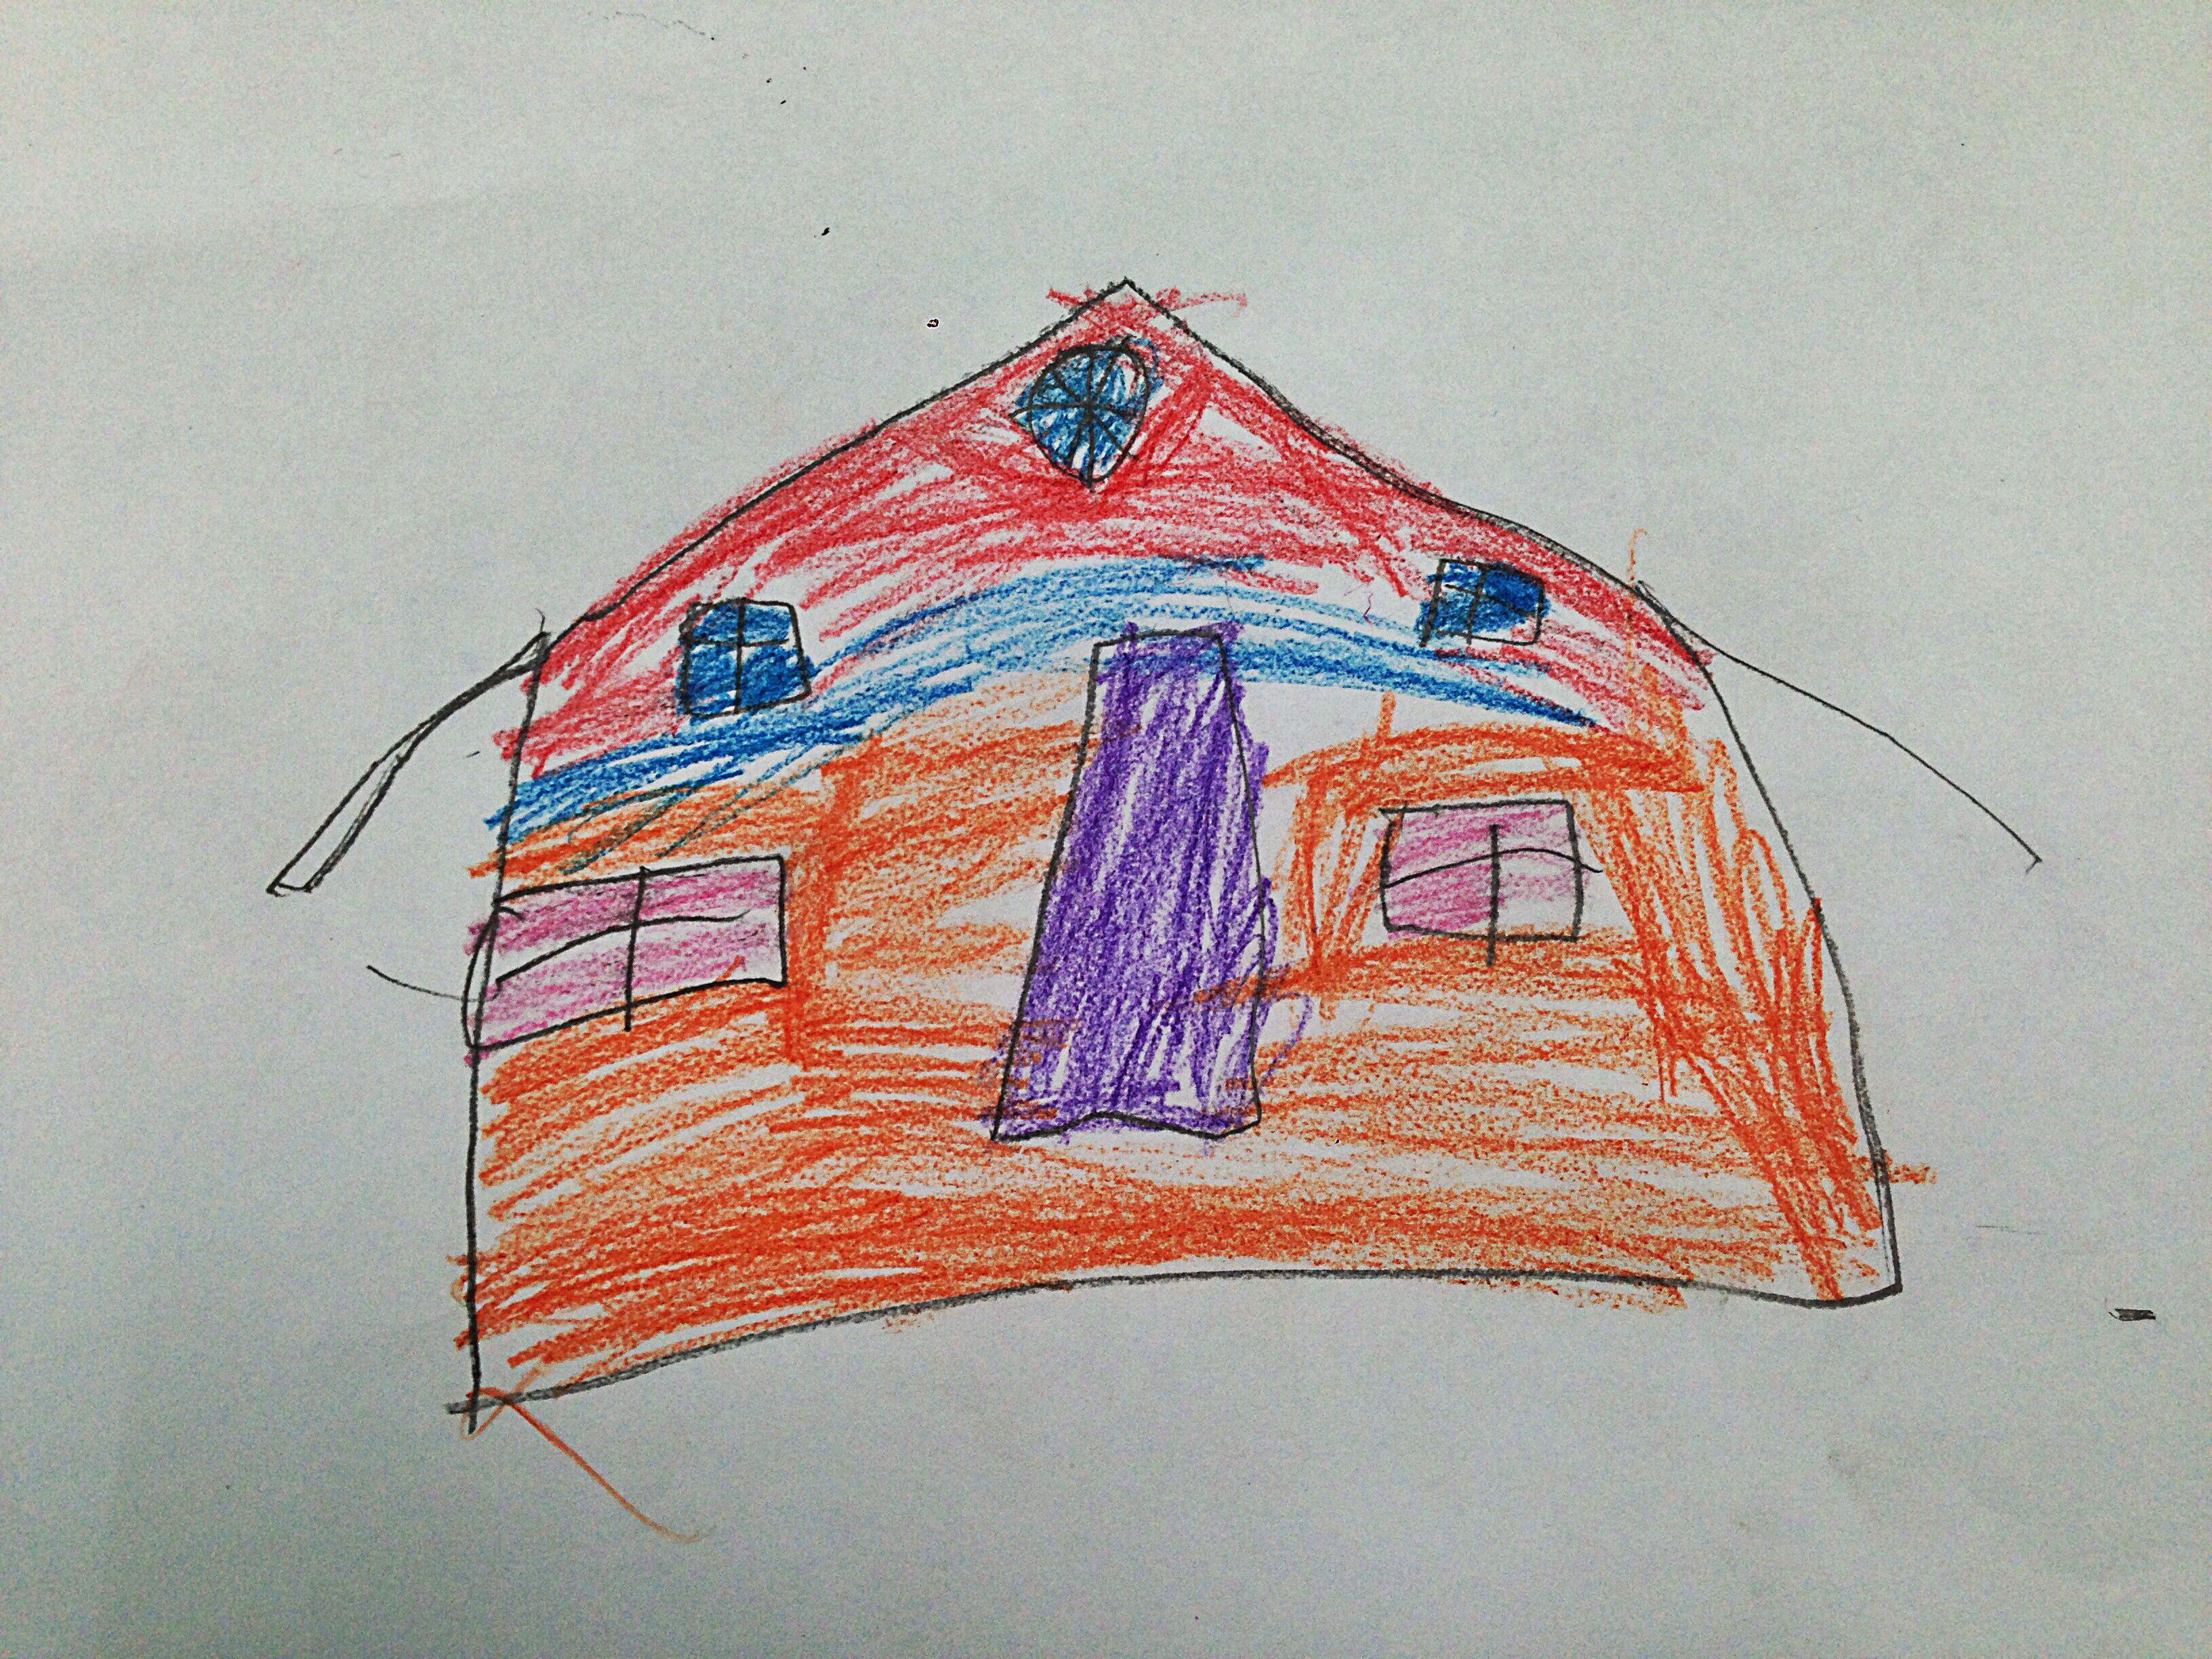 Los niños y/o niñas representan o proyectan sobre el papel su propia forma de vida, los vínculos afectivos que le unen a su familia y también su relación con el mundo exterior.